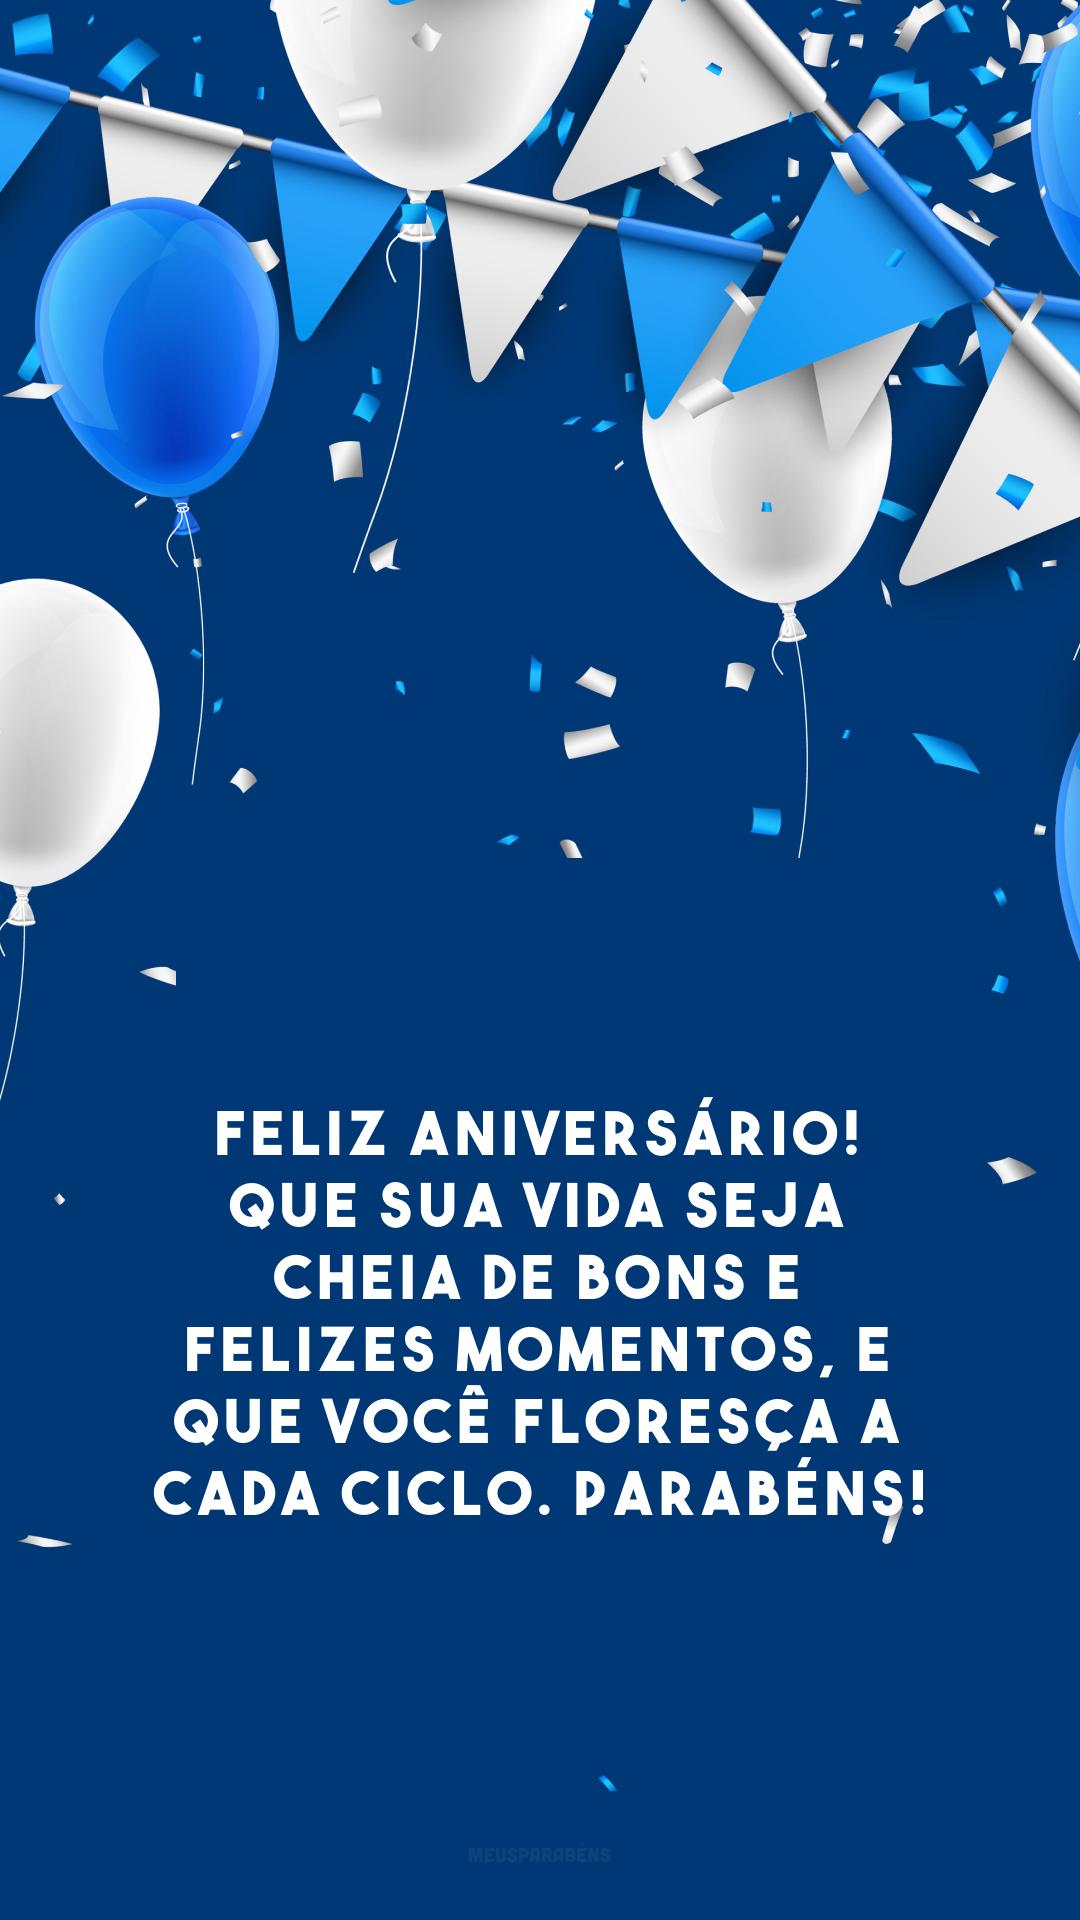 Feliz aniversário! Que sua vida seja cheia de bons e felizes momentos, e que você floresça a cada ciclo. Parabéns!